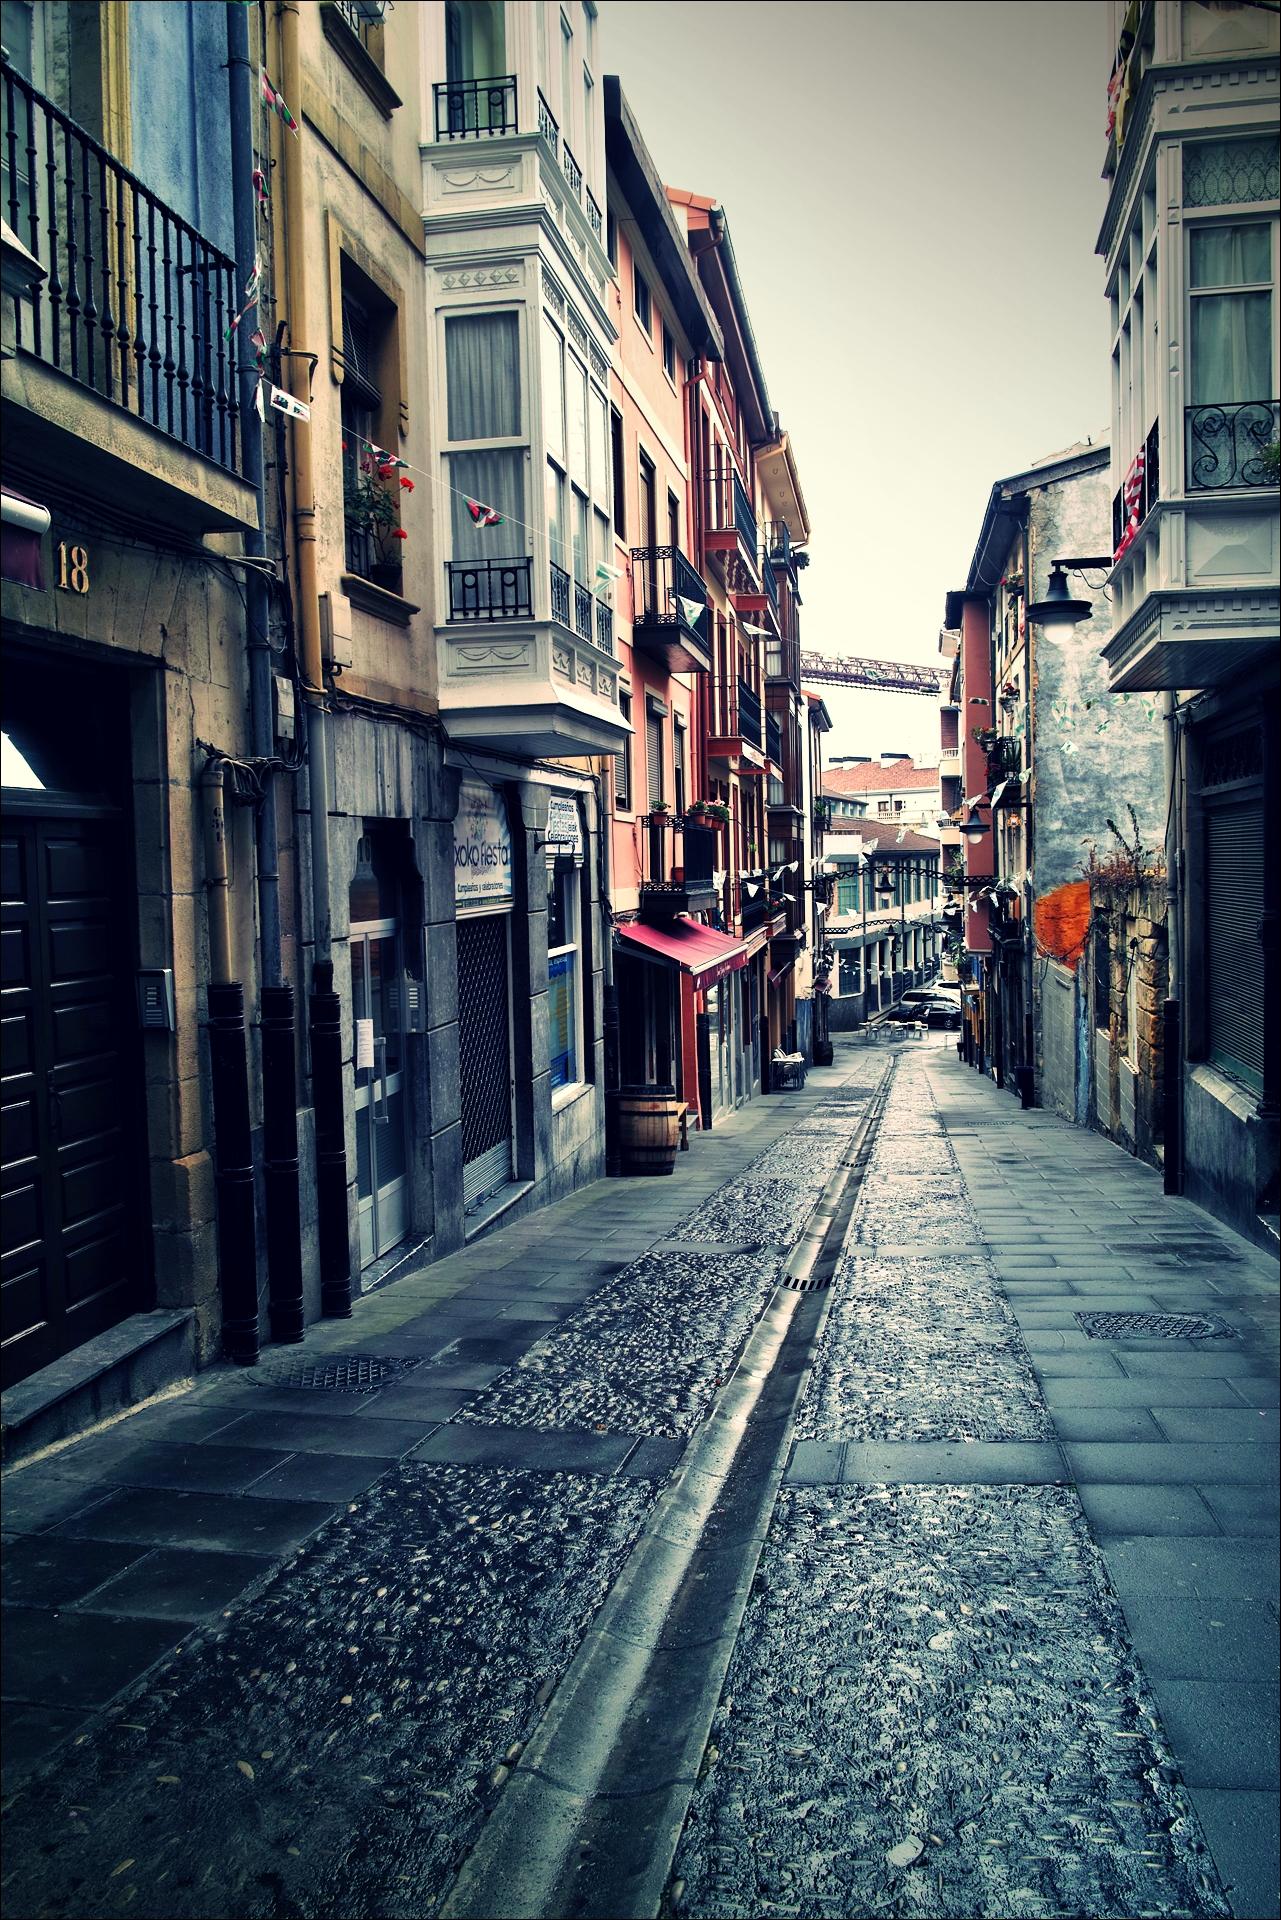 포르투갈레테 길거리-'카미노 데 산티아고 북쪽길. 빌바오에서 포르투갈레테. (Camino del Norte - Bilbao to Portugalete)'